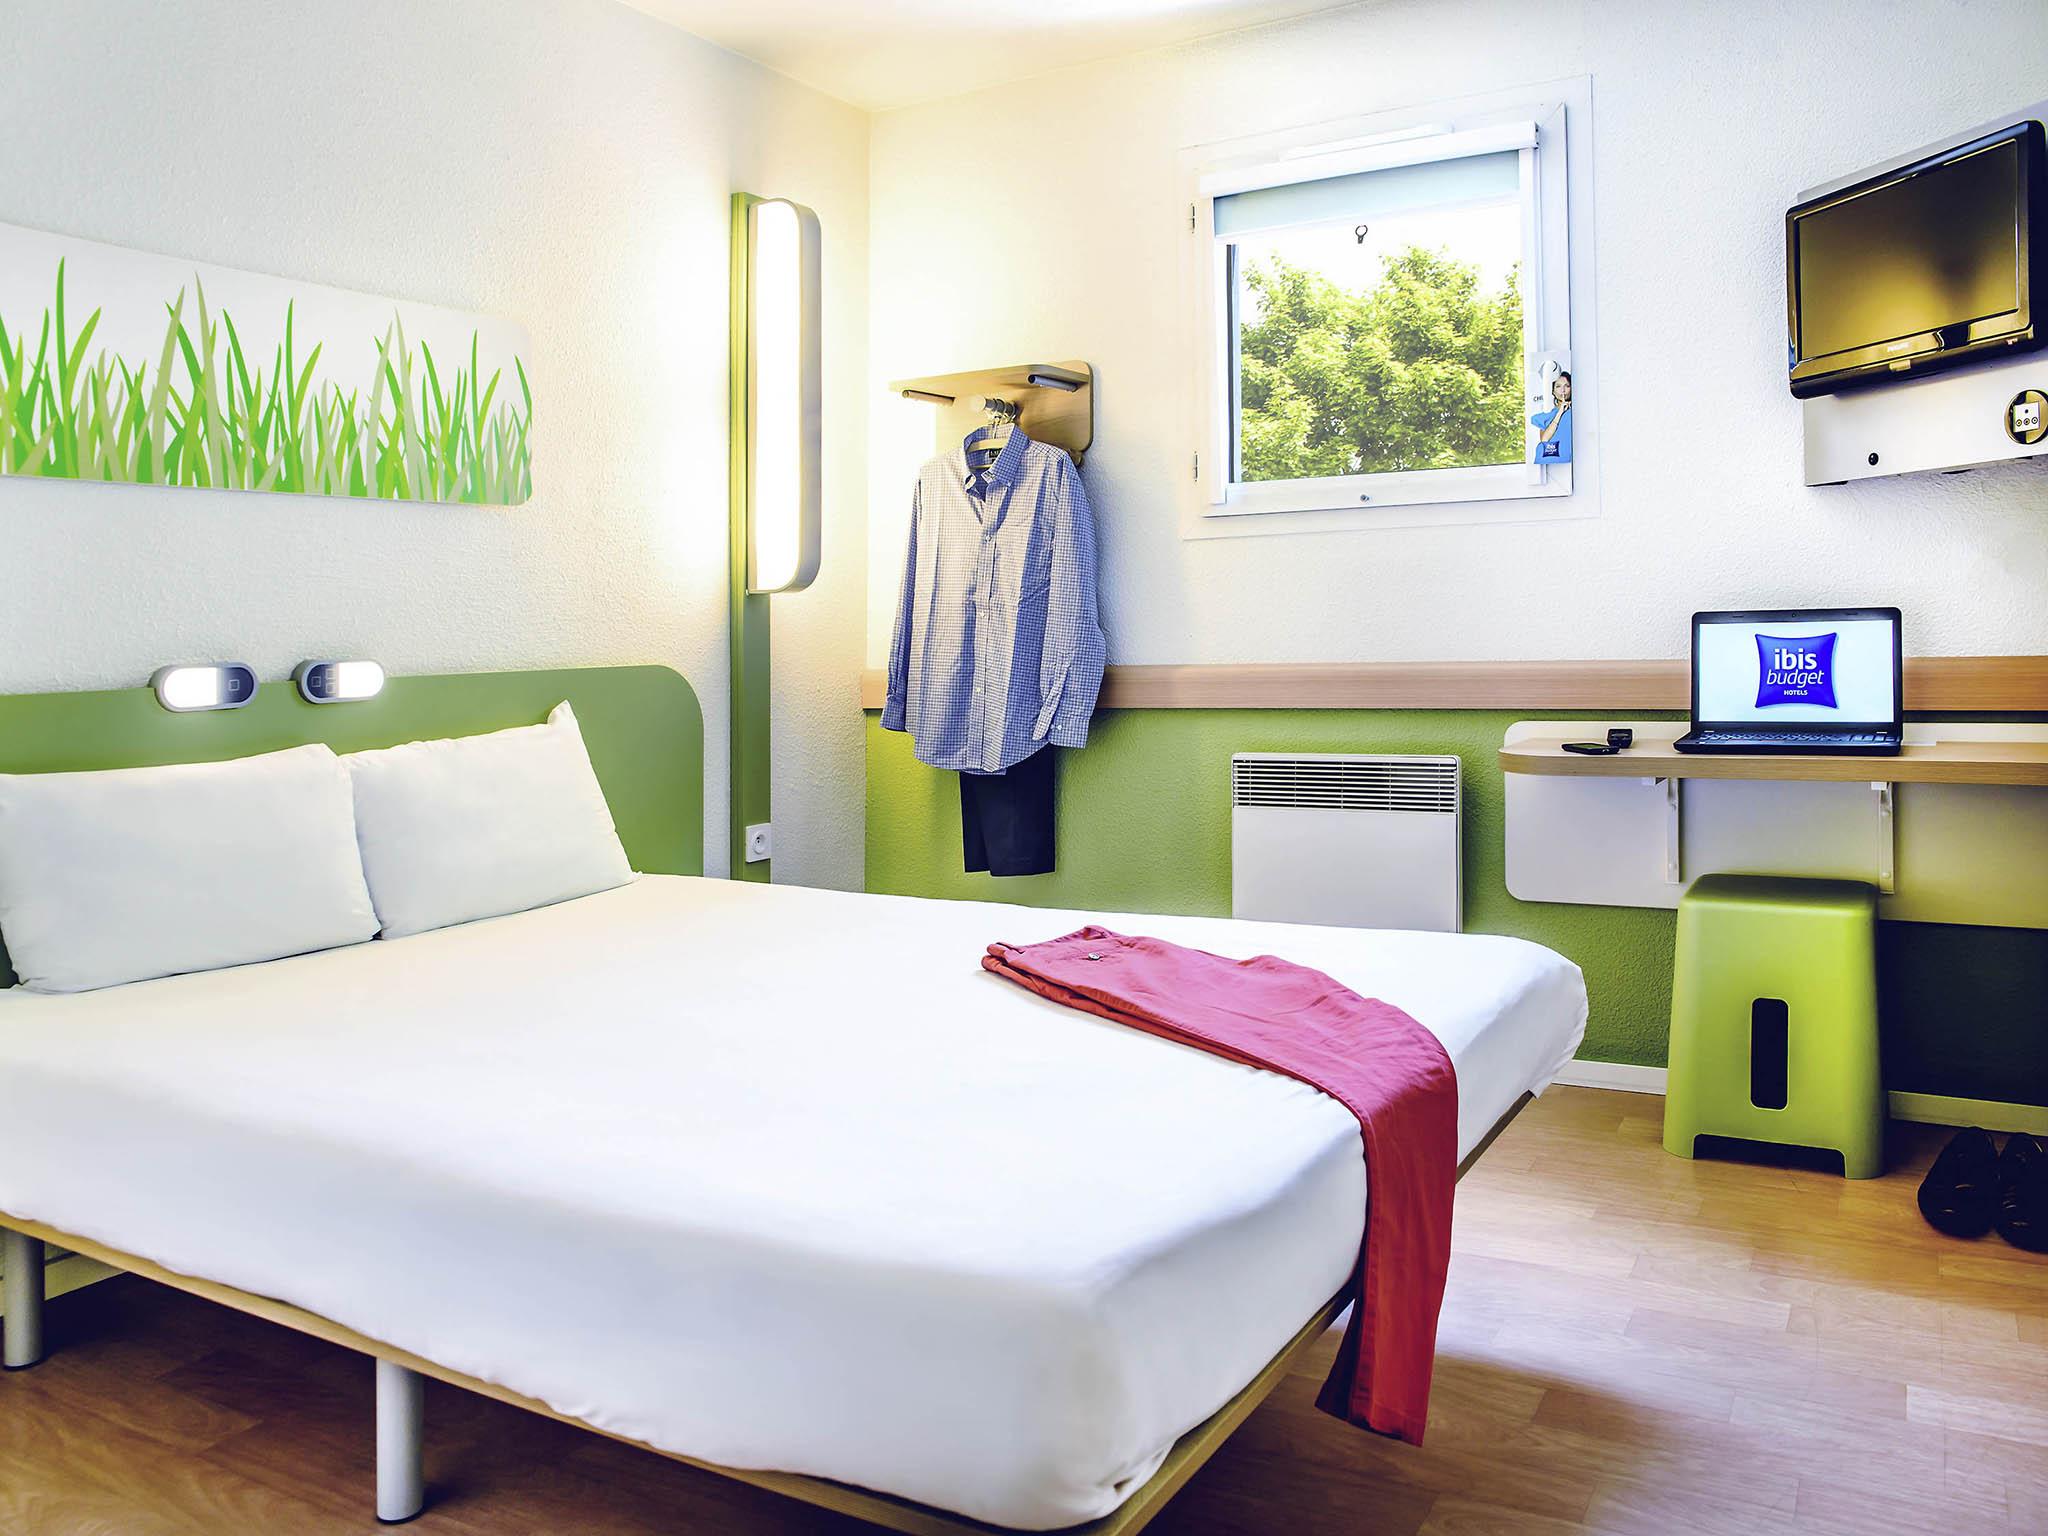 Hôtel à PETITE FORET - ibis budget Valenciennes Petite Forêt